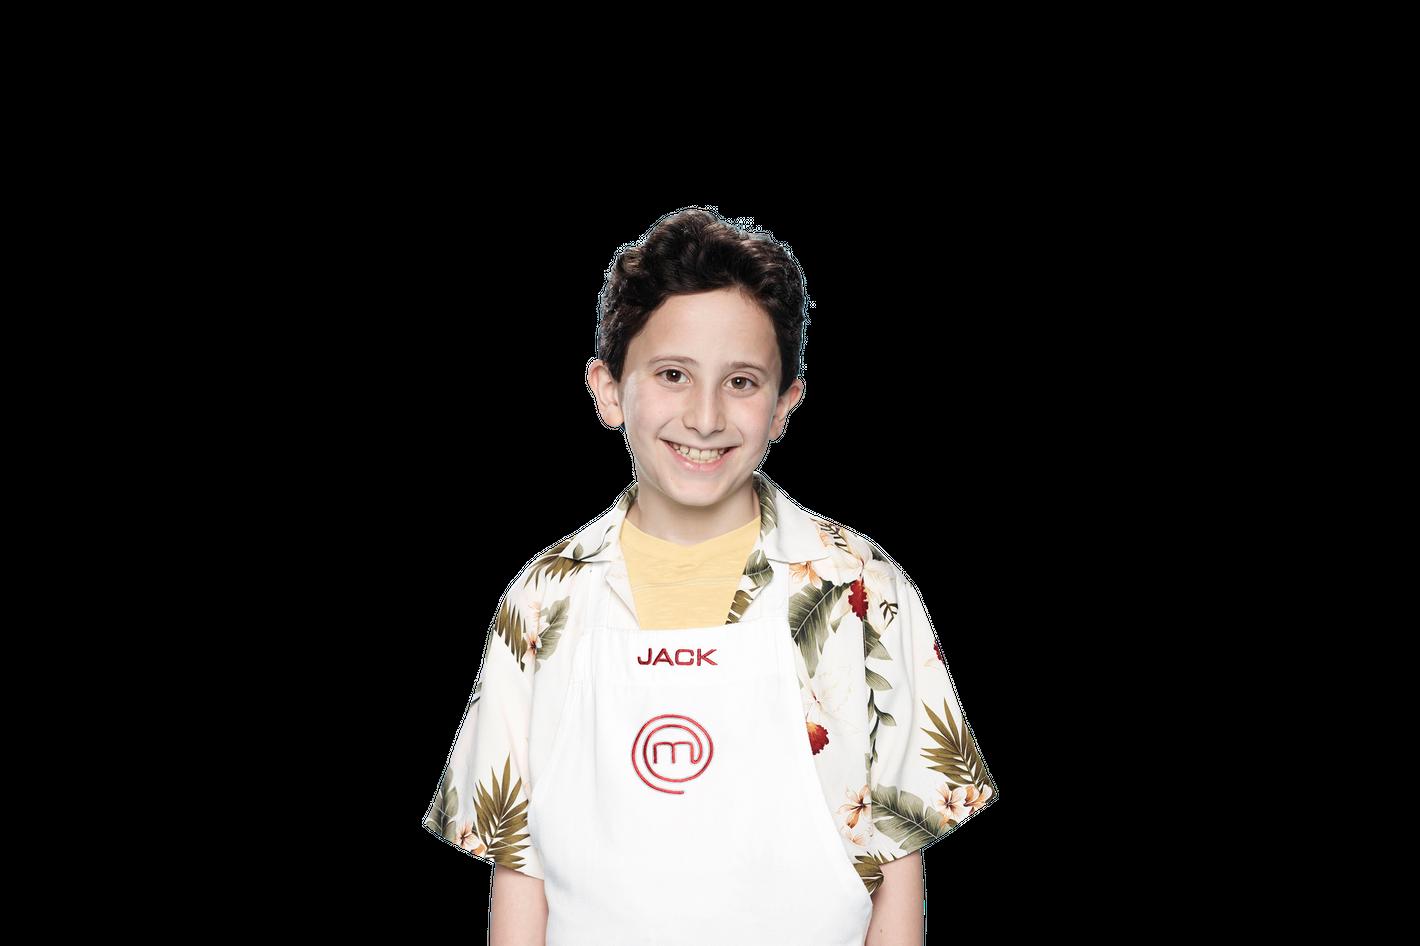 MasterChef Junior's Jack on His Many Hawaiian Shirts and